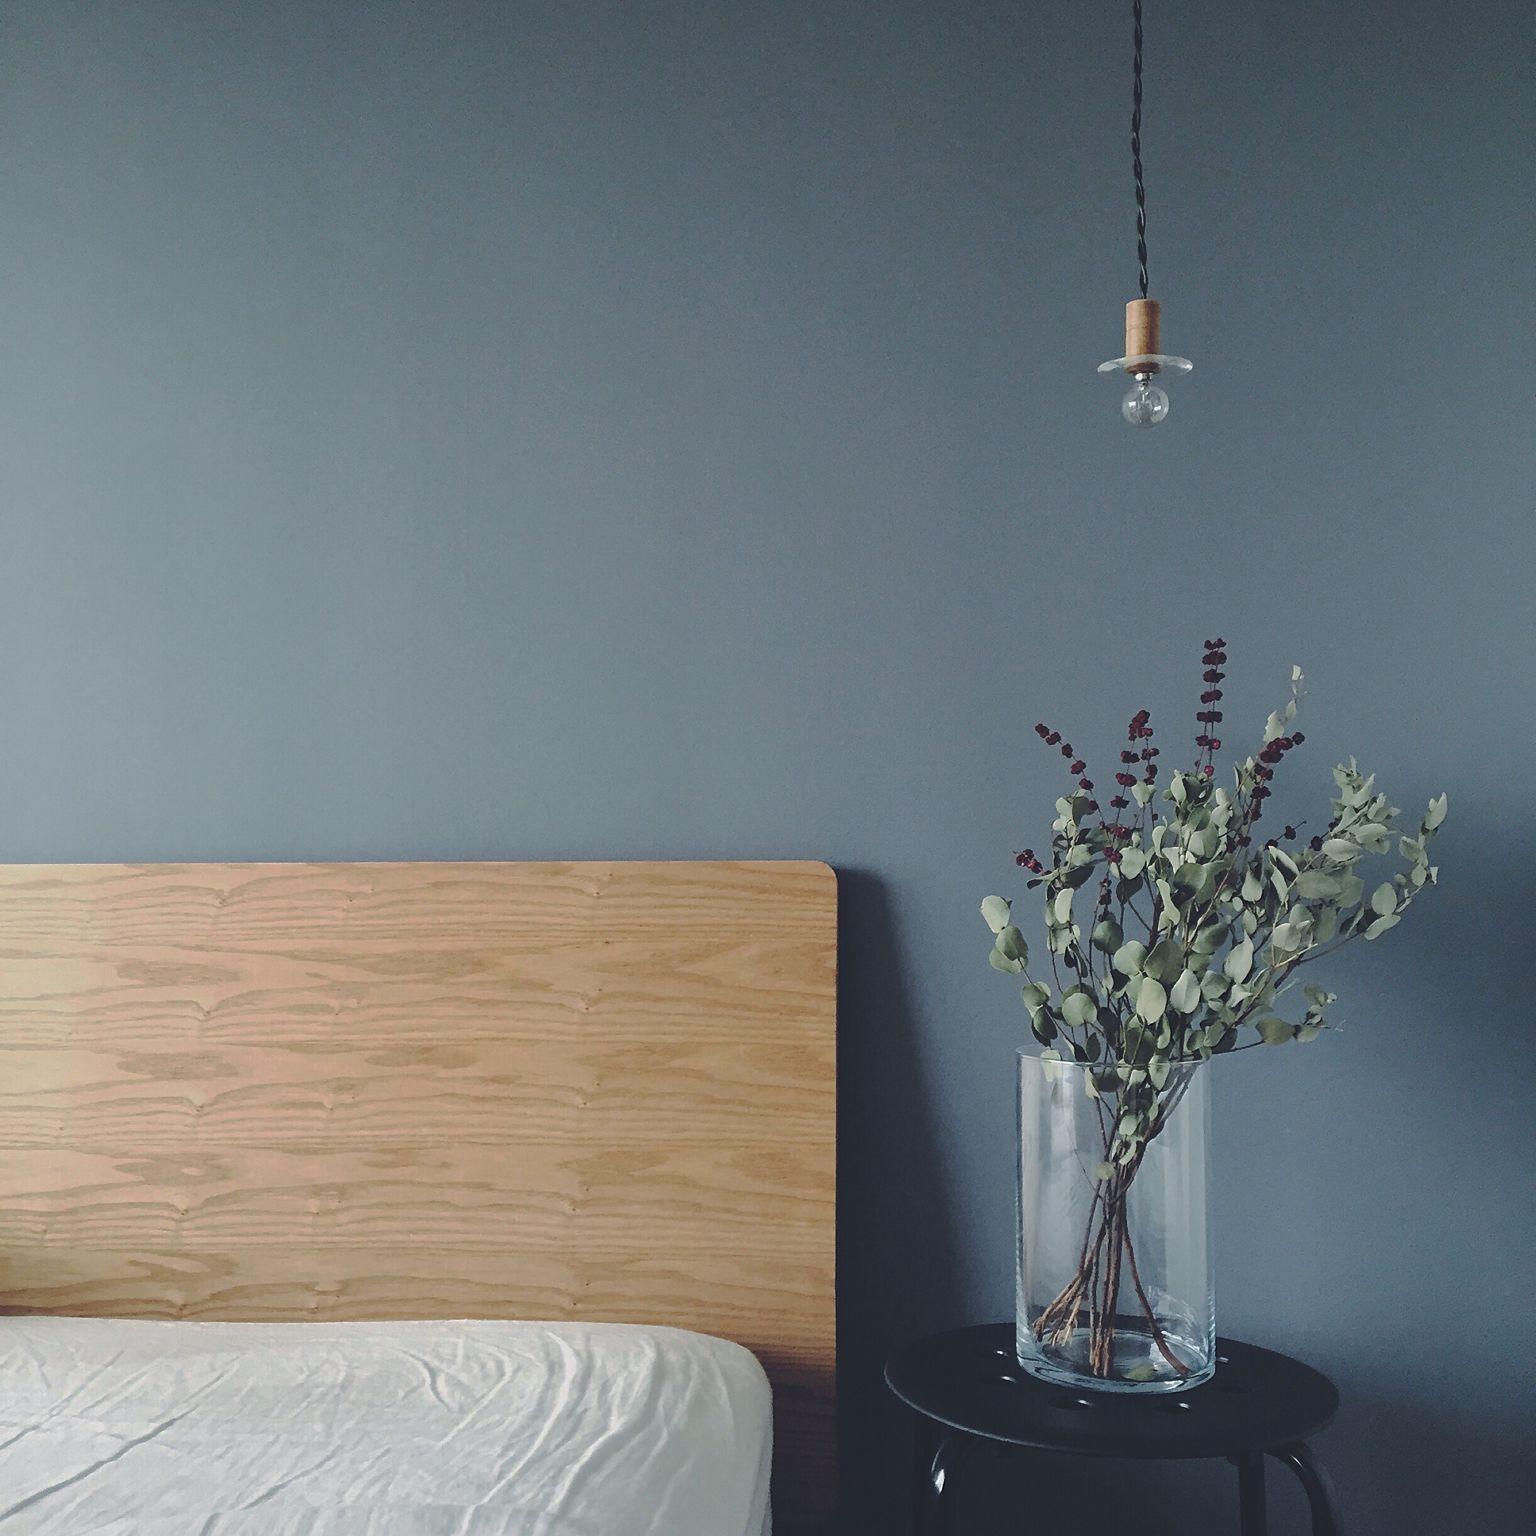 寝室 サンゲツ壁紙 Bedroomのインテリア実例 2016 09 09 09 59 30